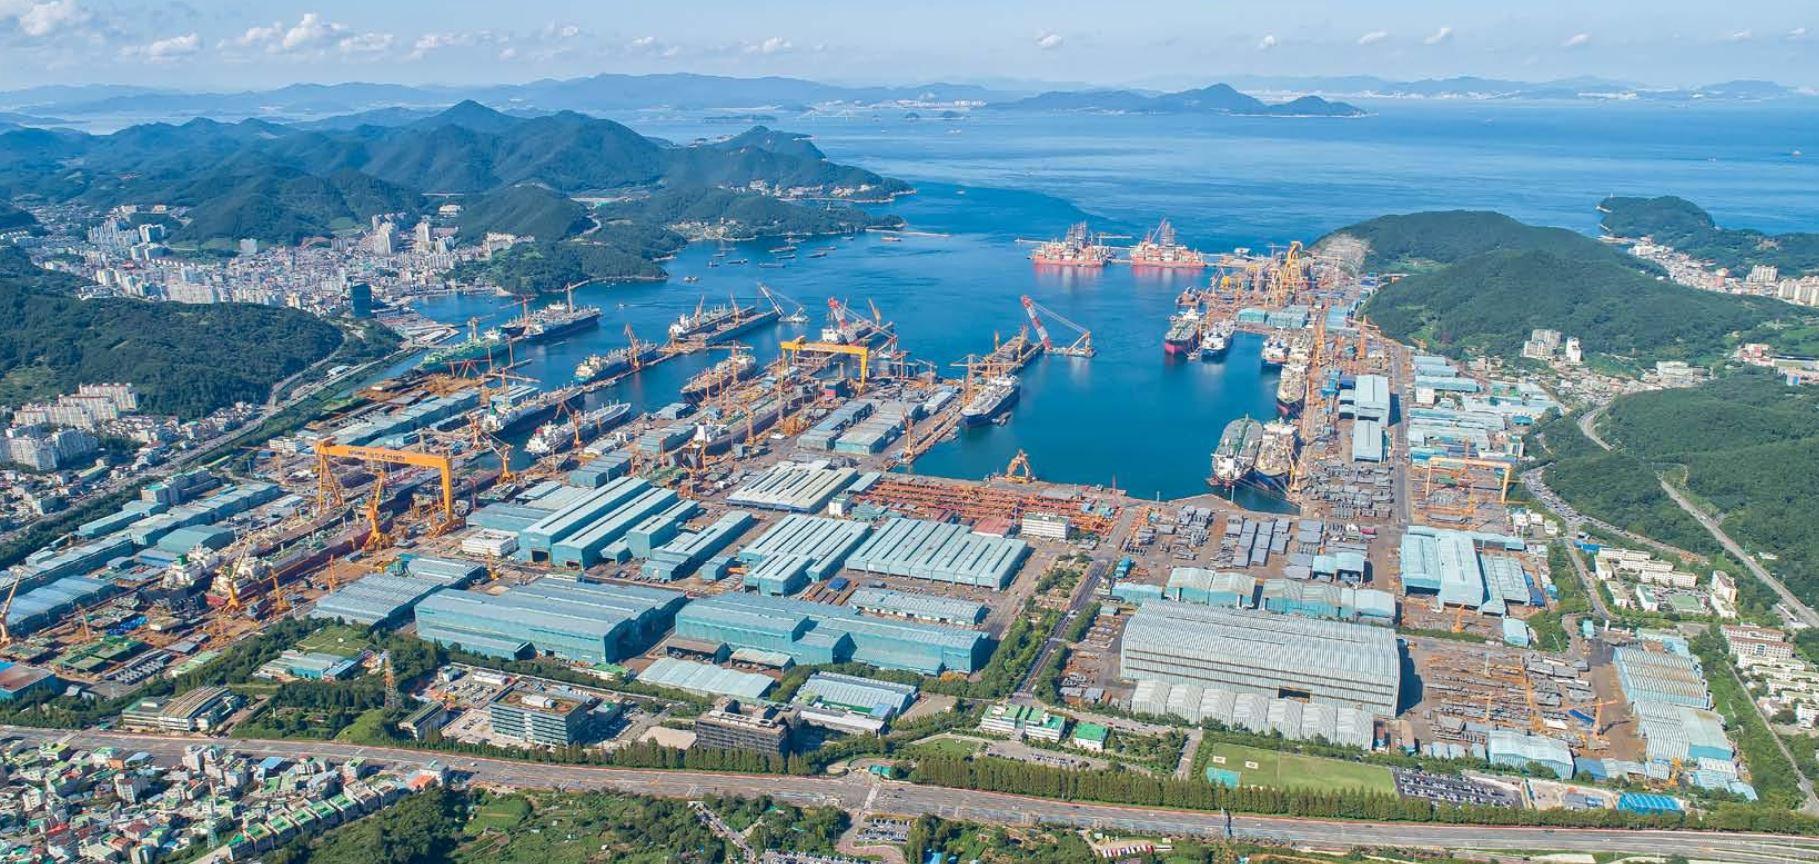 DSME shipyard